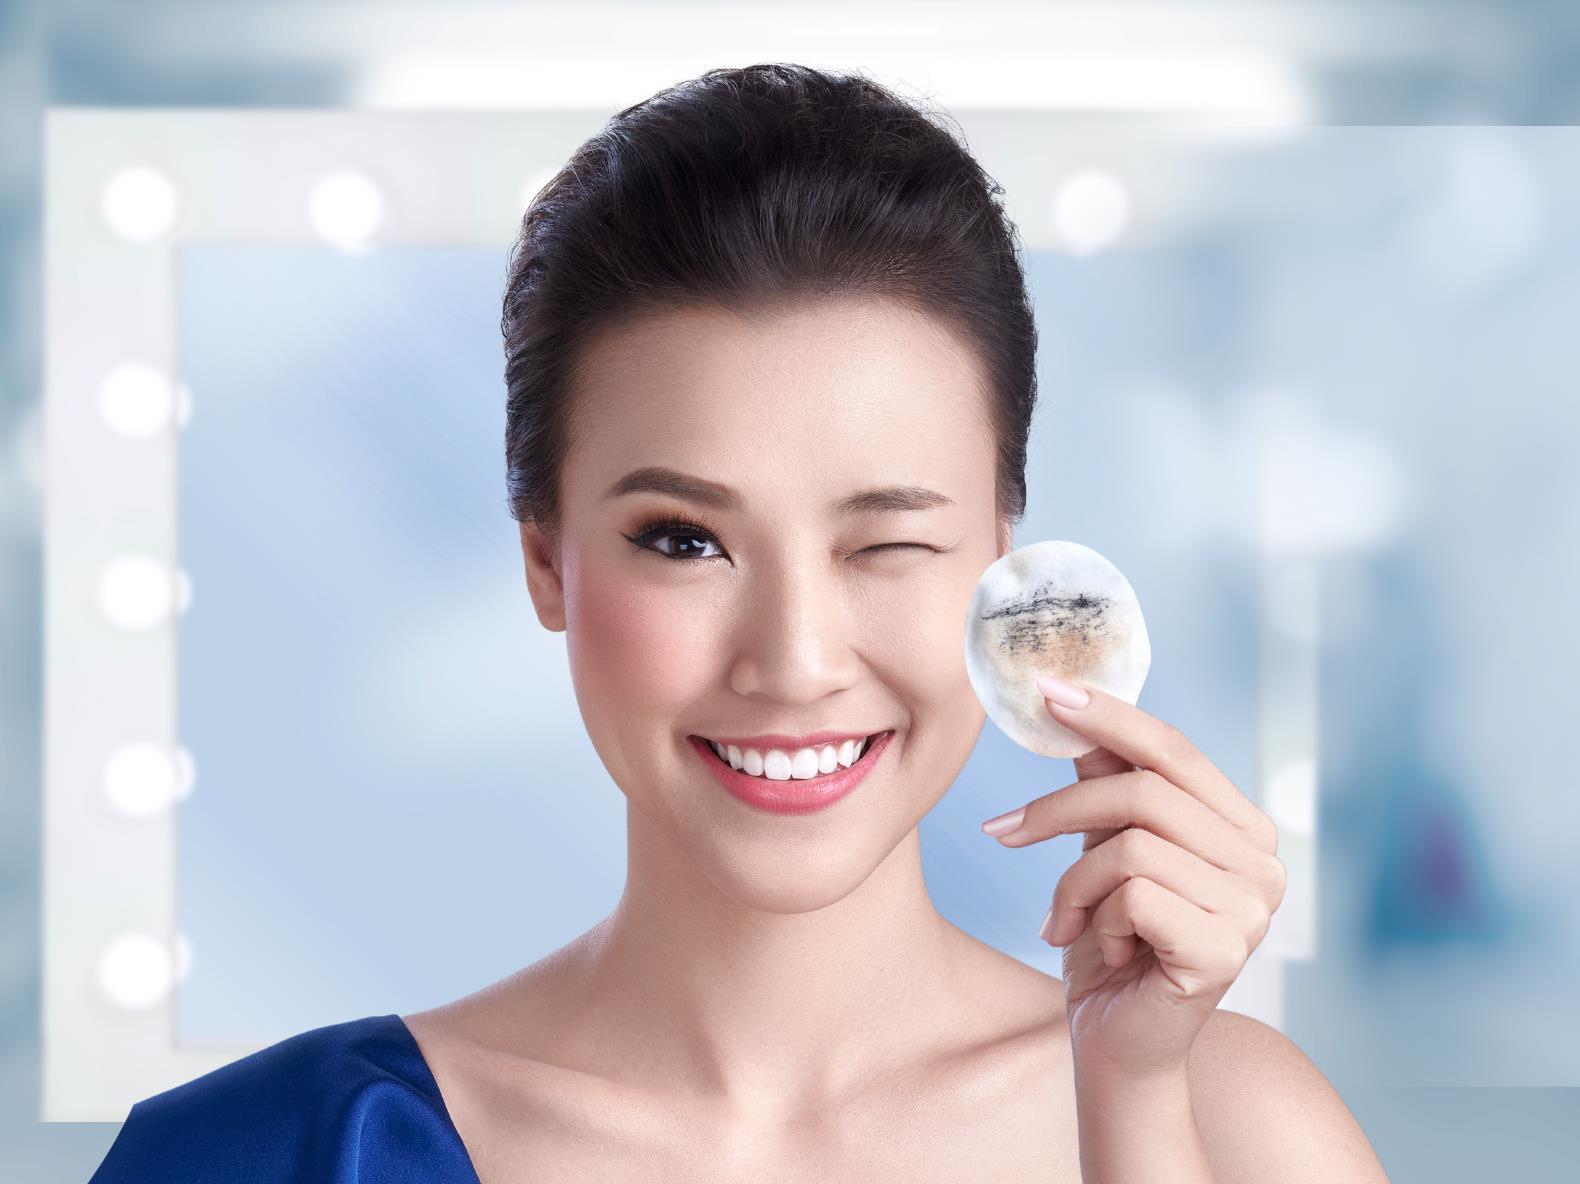 Tẩy trang và rửa mặt trong 1 bước: Là do bạn không biết cách chăm sóc da hay vì lười? - Ảnh 5.